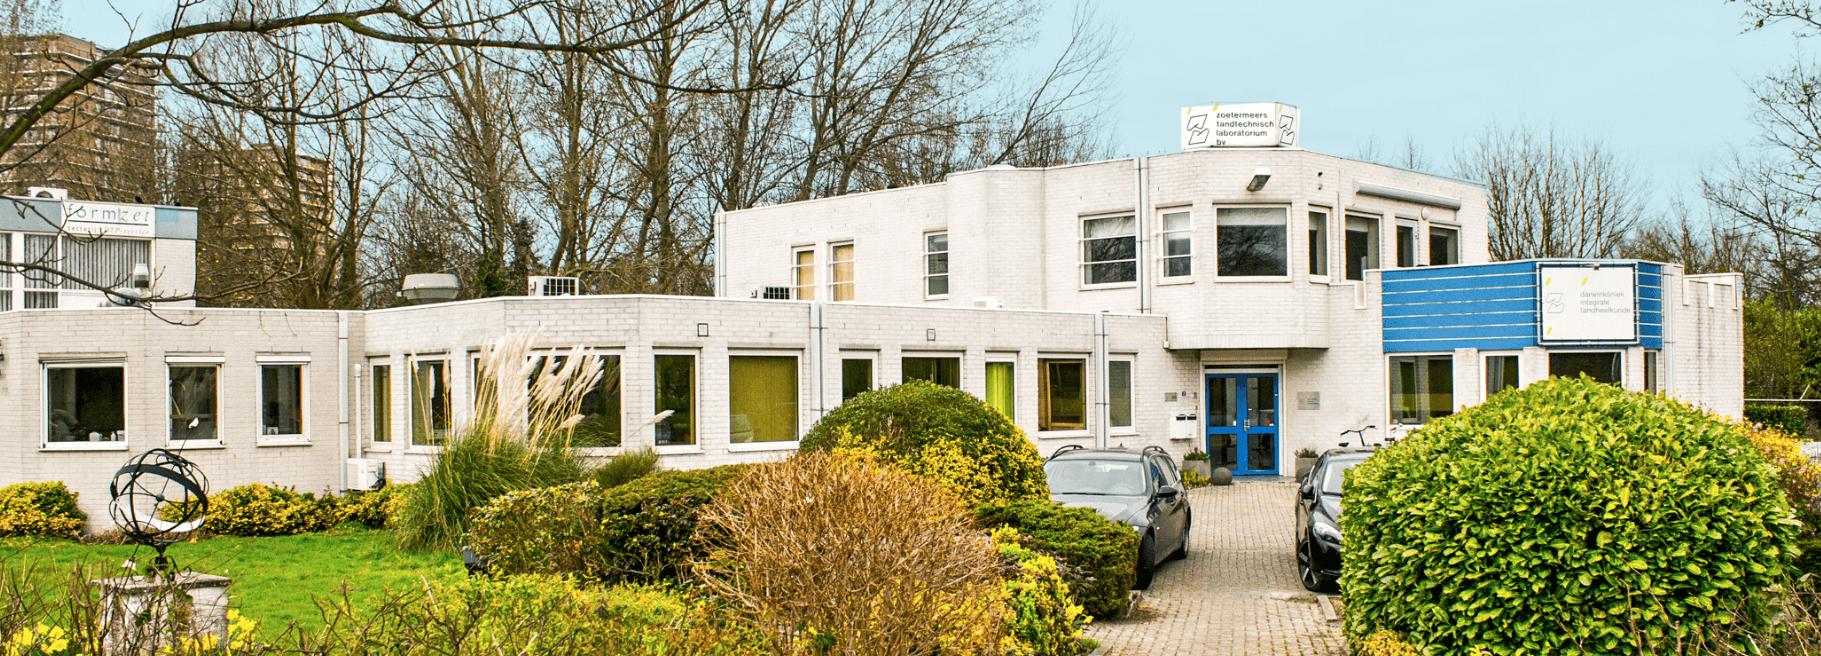 Zoetermeers-Tandtechnisch-Laboratorium-tandarts-Zoetermeer-praktijk